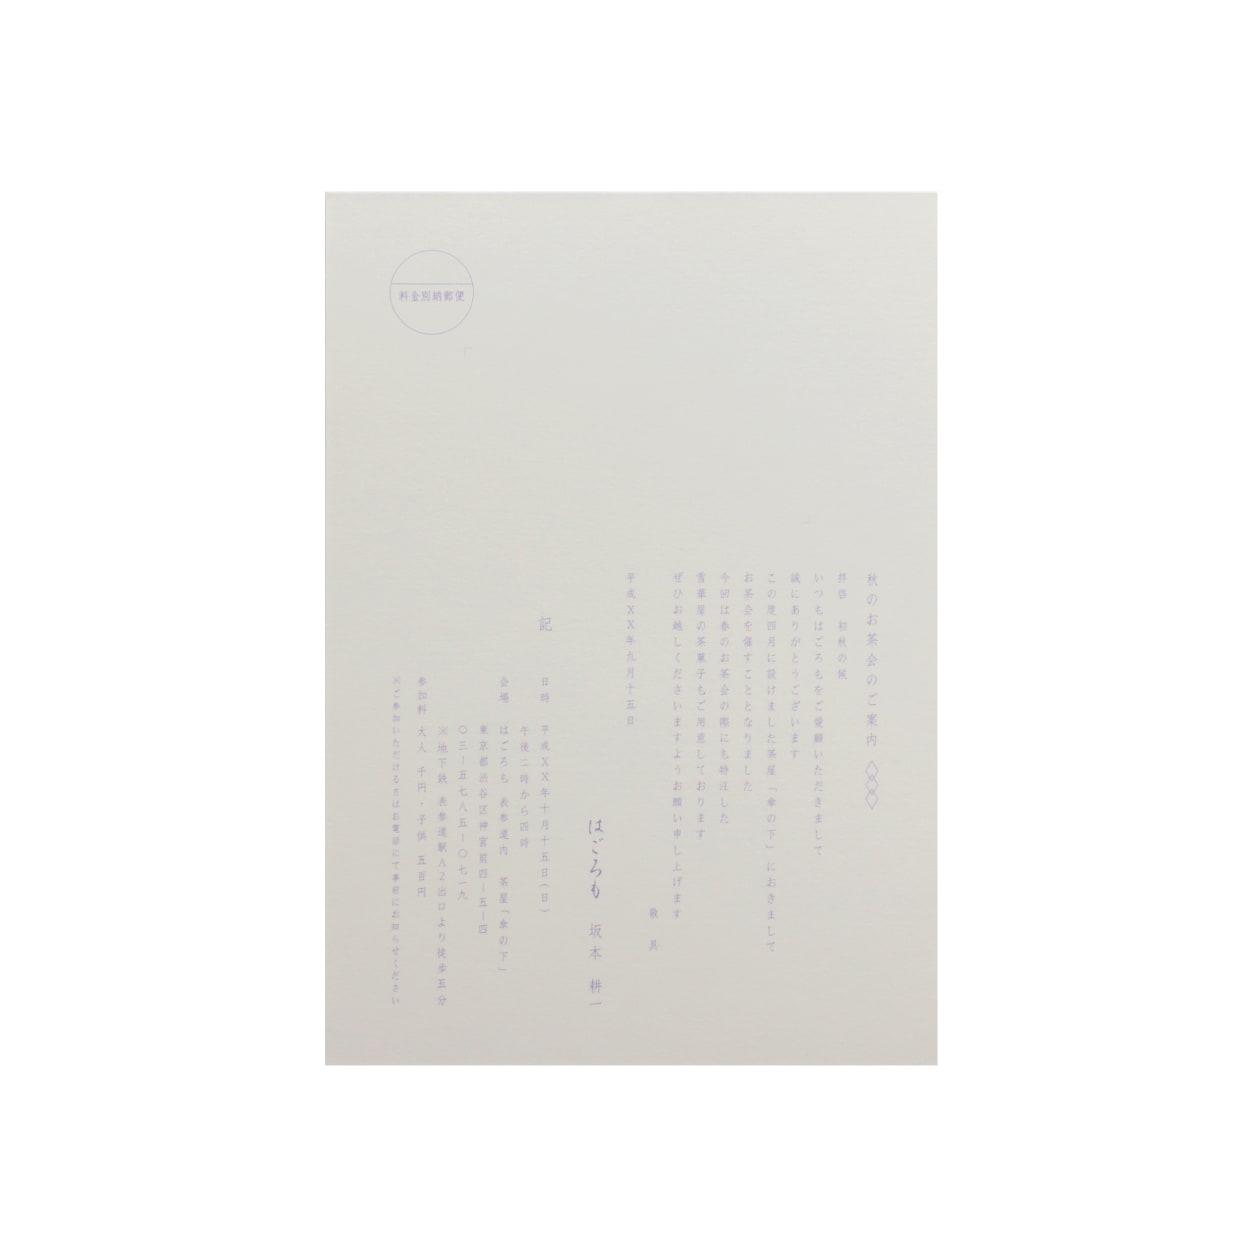 サンプル カード・シート 00150